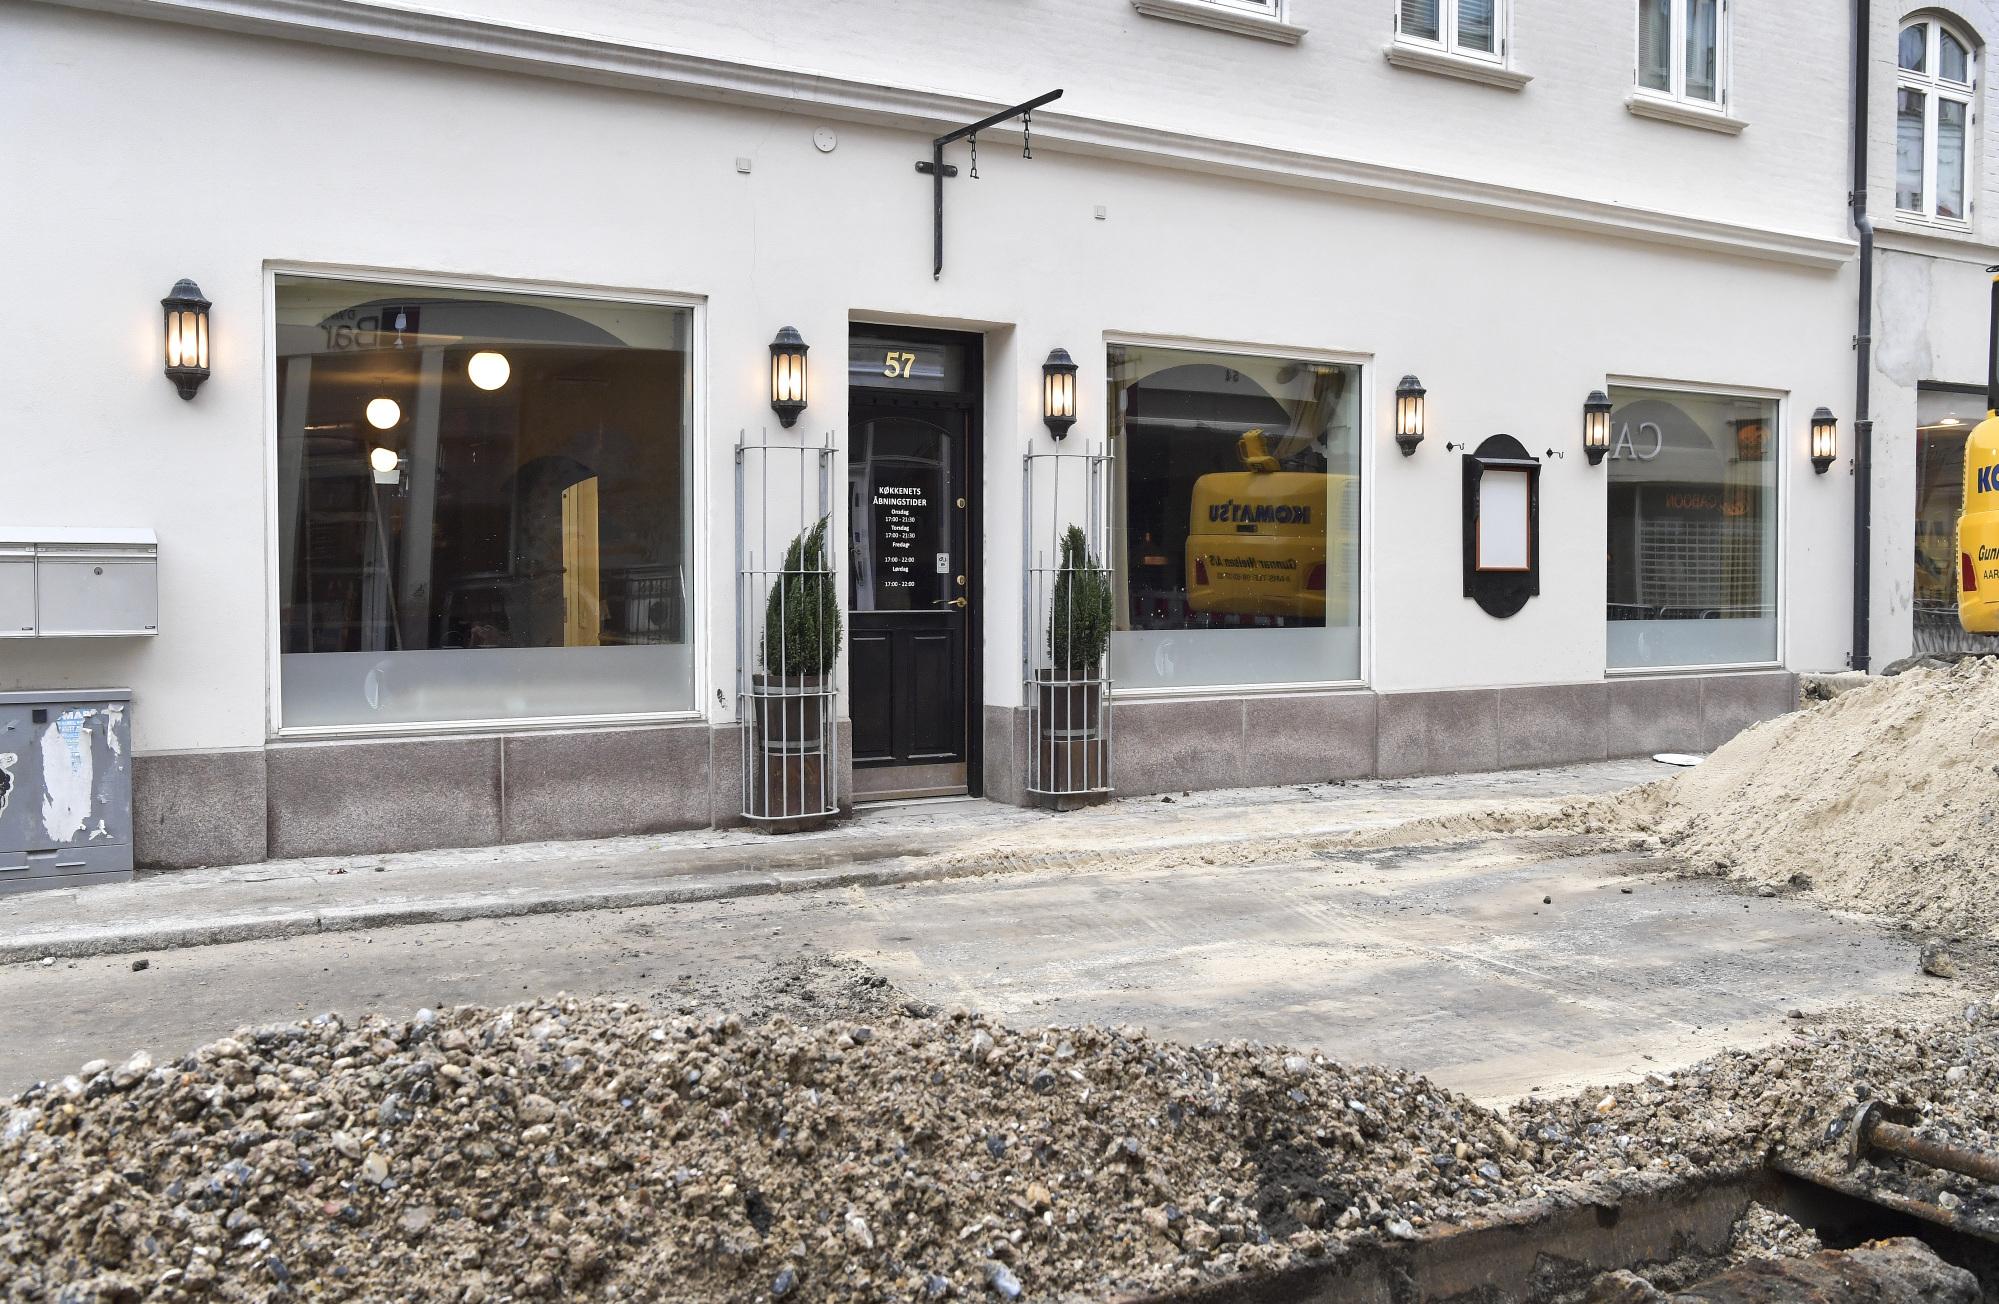 Snart kommer der igen et Holles-skilt over døren og i vinduerne.  Foto: Bente Poder